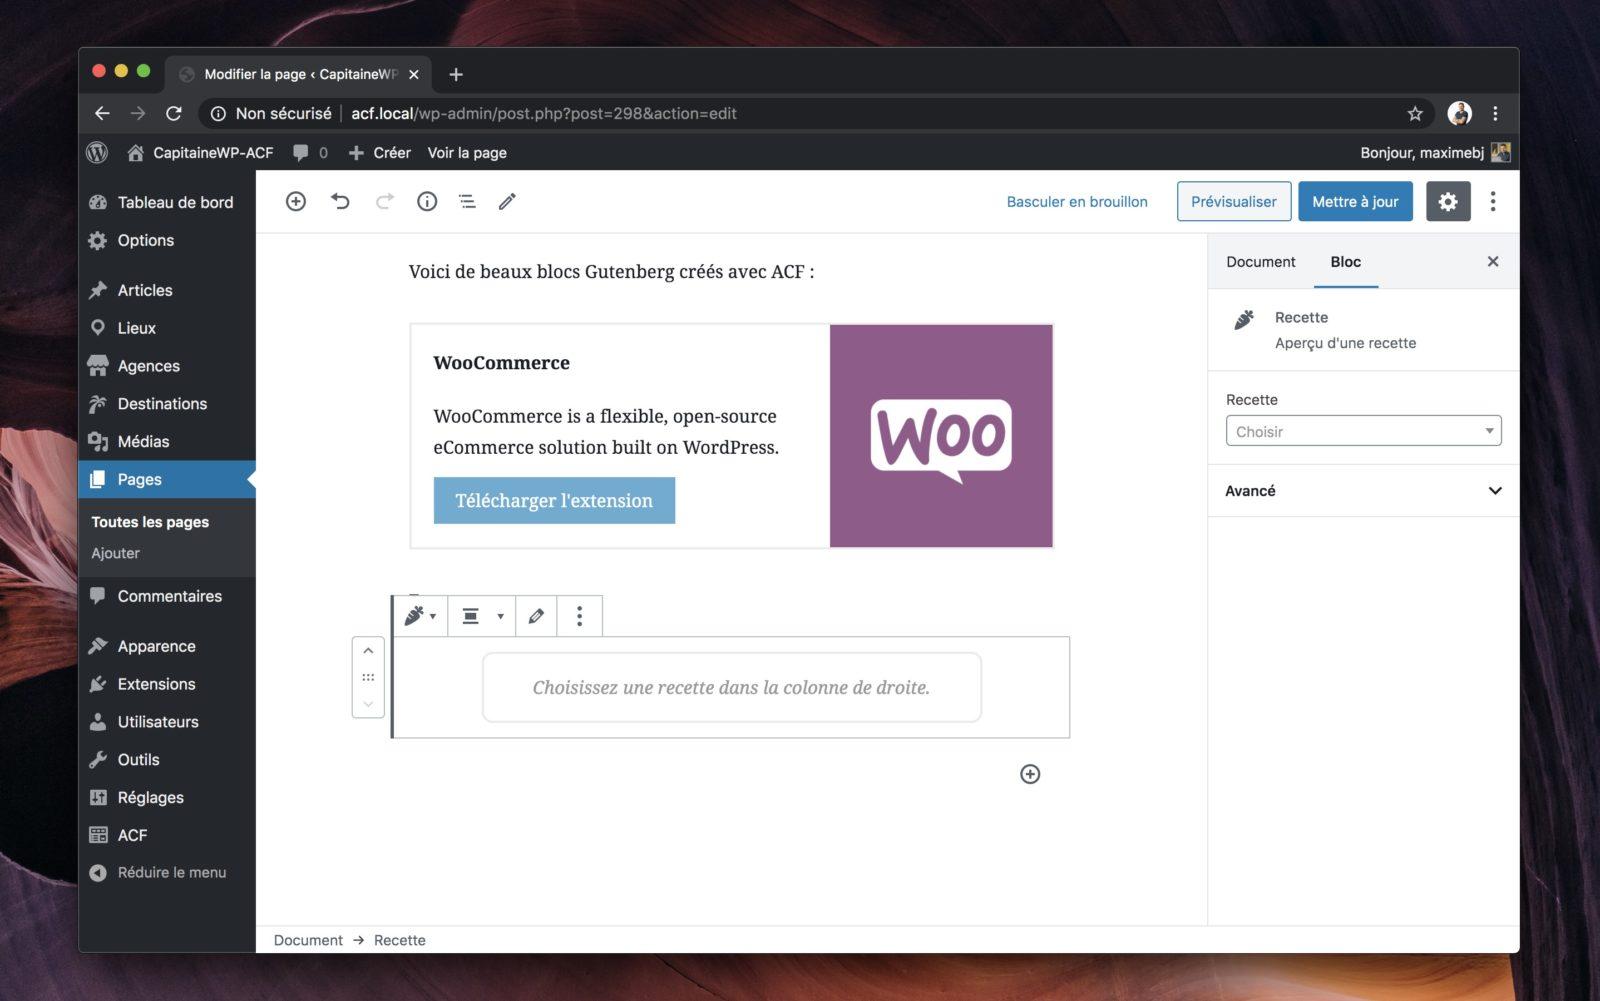 Le message réservé à l'admin WordPress nous invite à sélectionner une recette